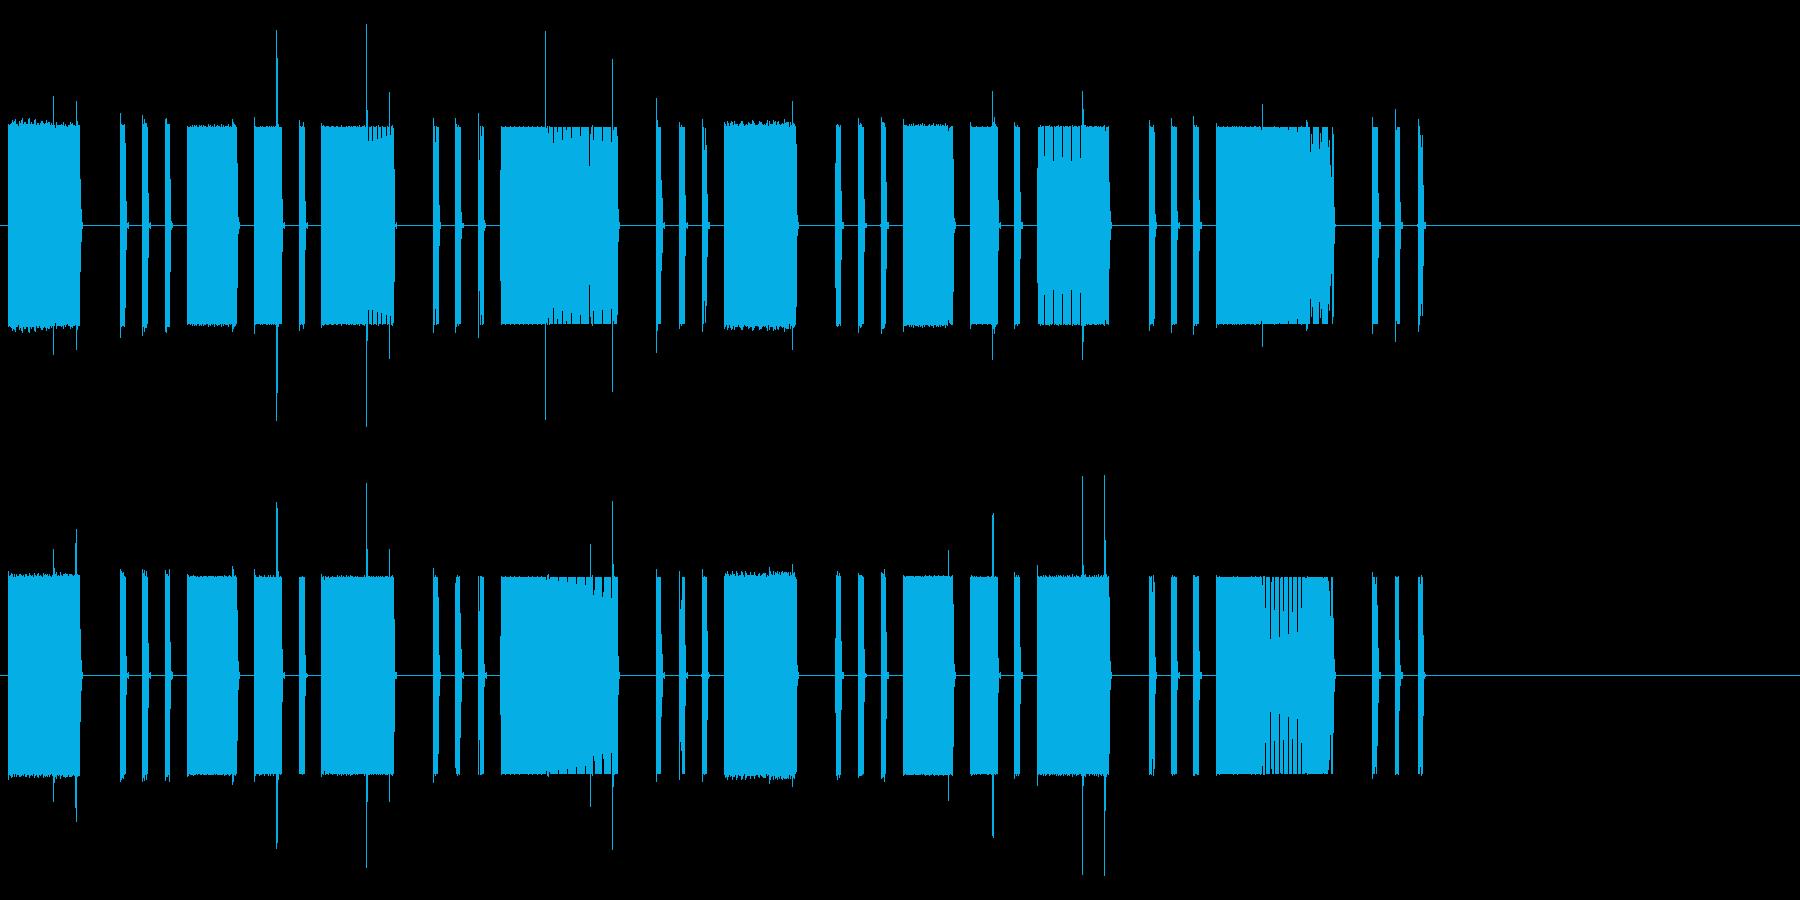 ロボット・コンピューターの異常の再生済みの波形